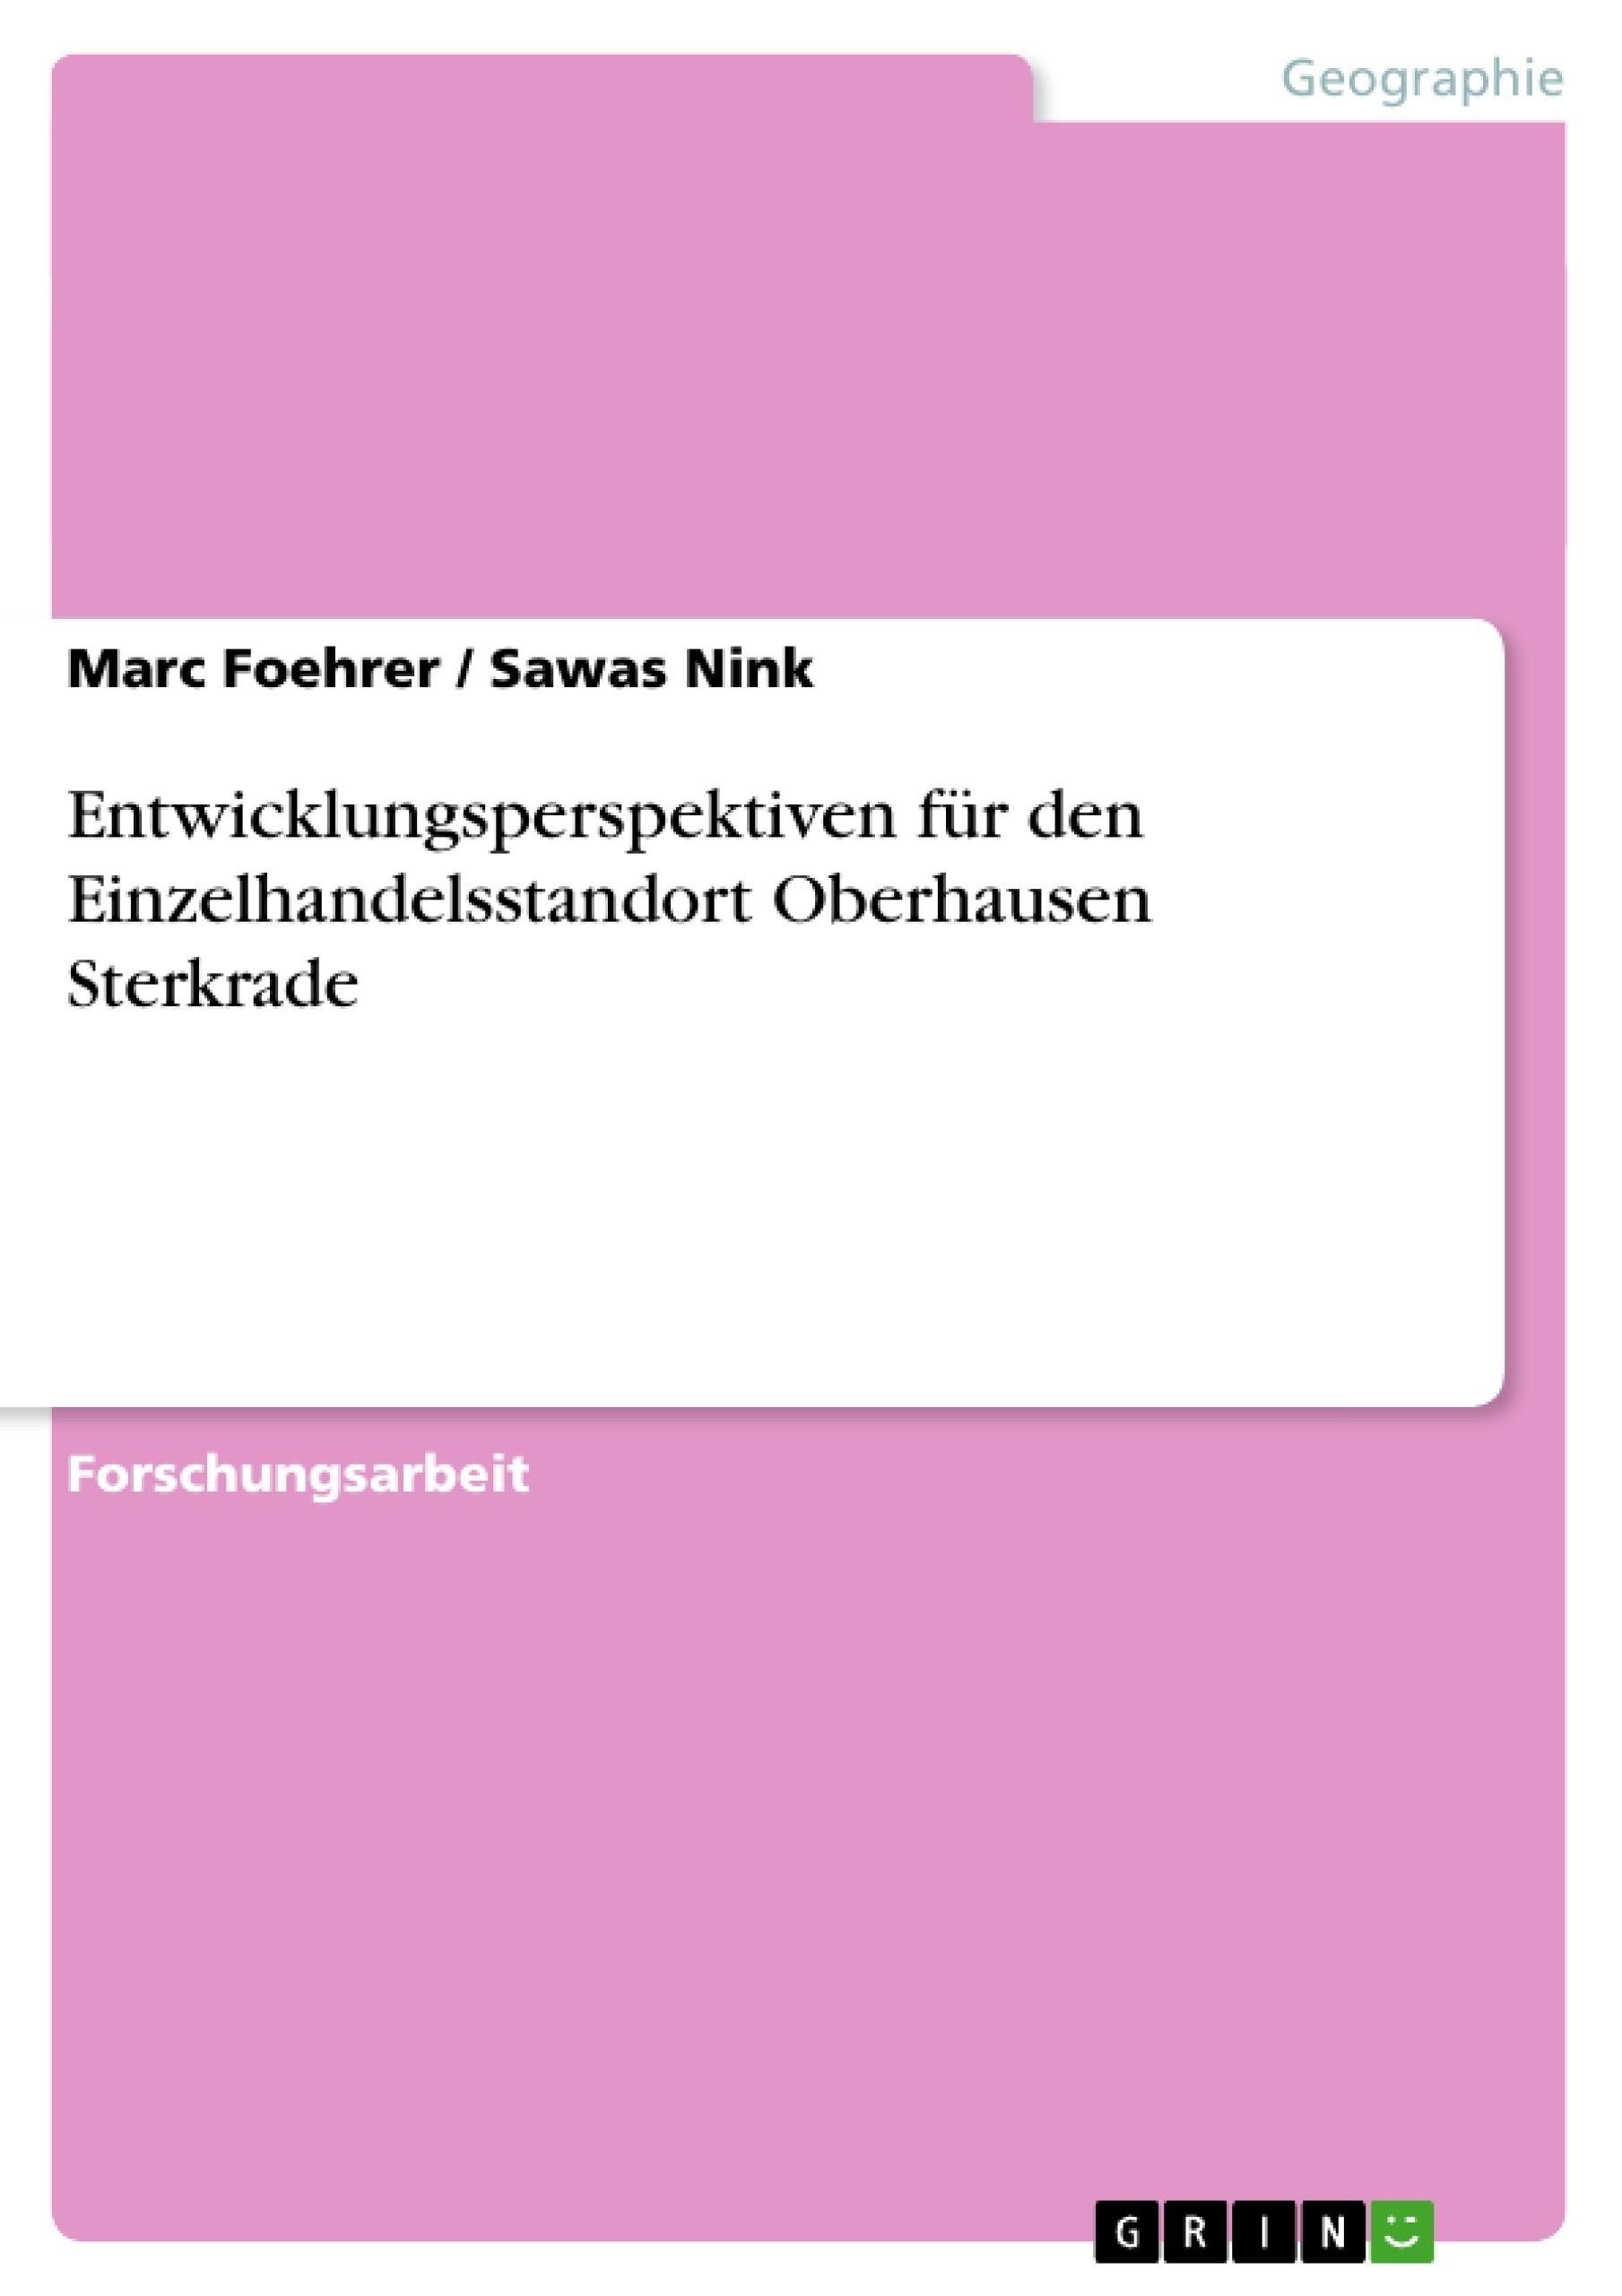 Titel: Entwicklungsperspektiven für den Einzelhandelsstandort Oberhausen Sterkrade